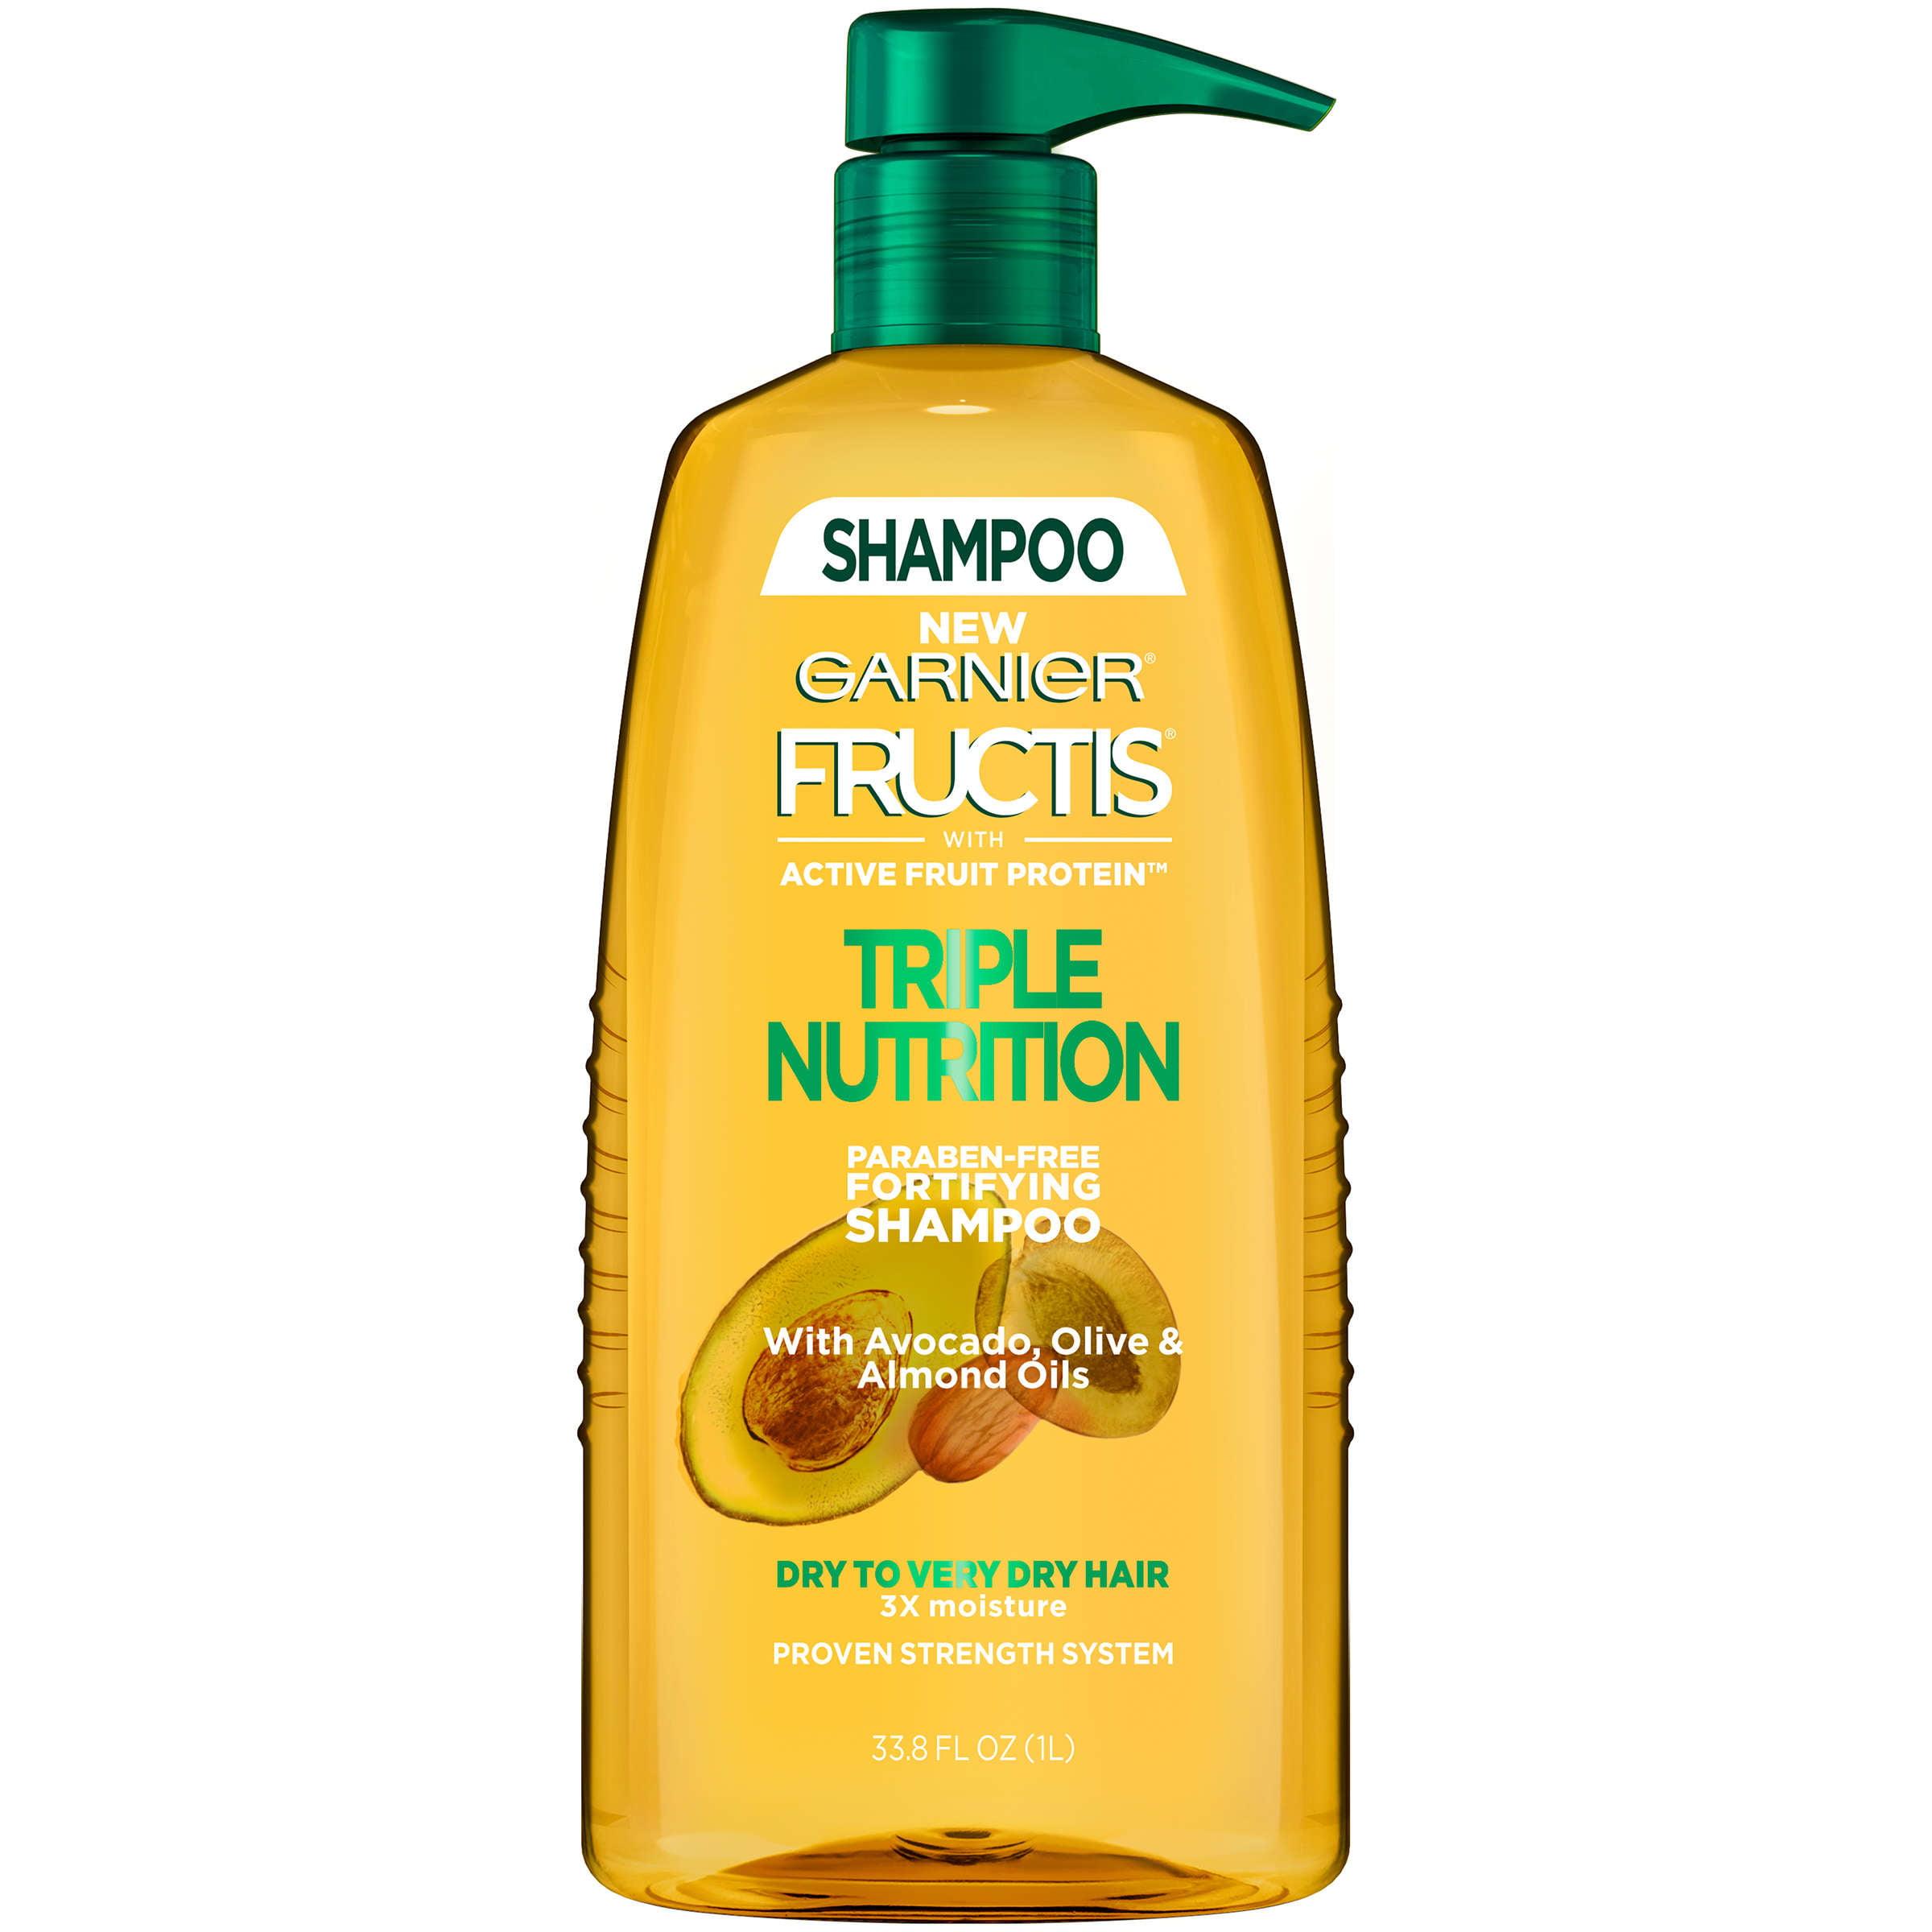 Garnier Fructis Triple Nutrition Shampoo 33.8 FL OZ